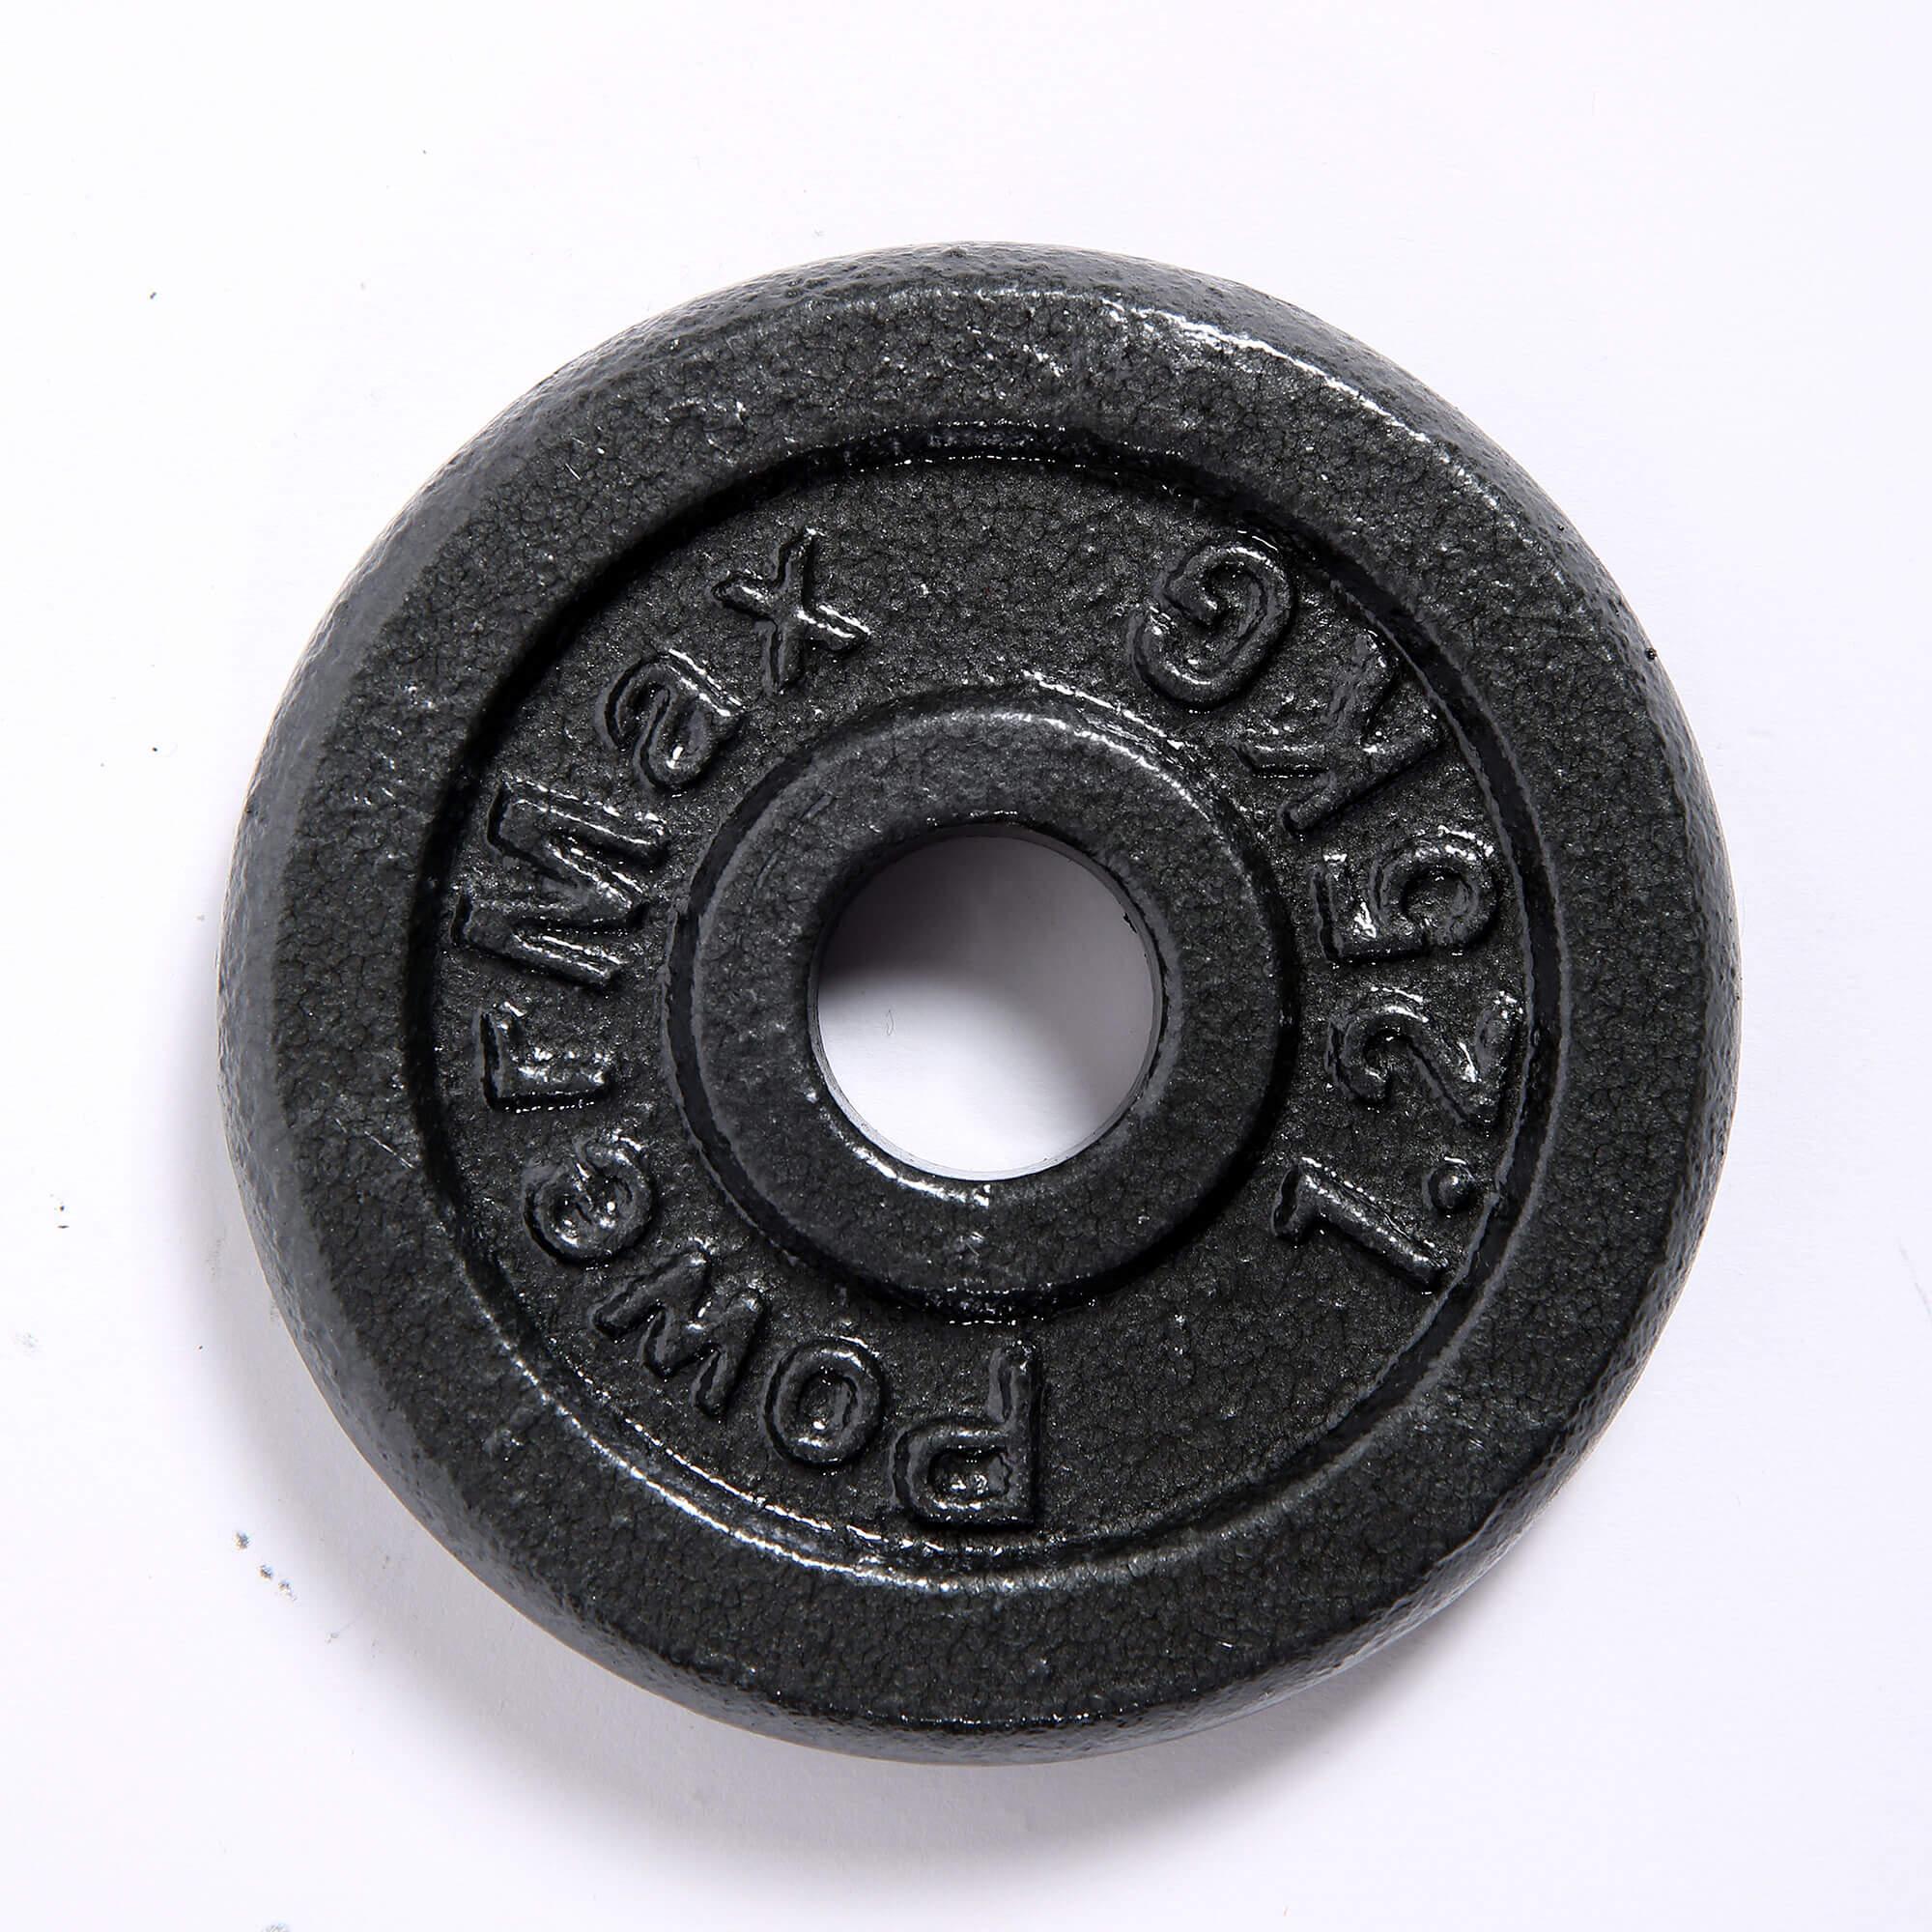 PDS-20Kg Dumbbells Set Metal Plates + Dumbbell Rods Home Gym